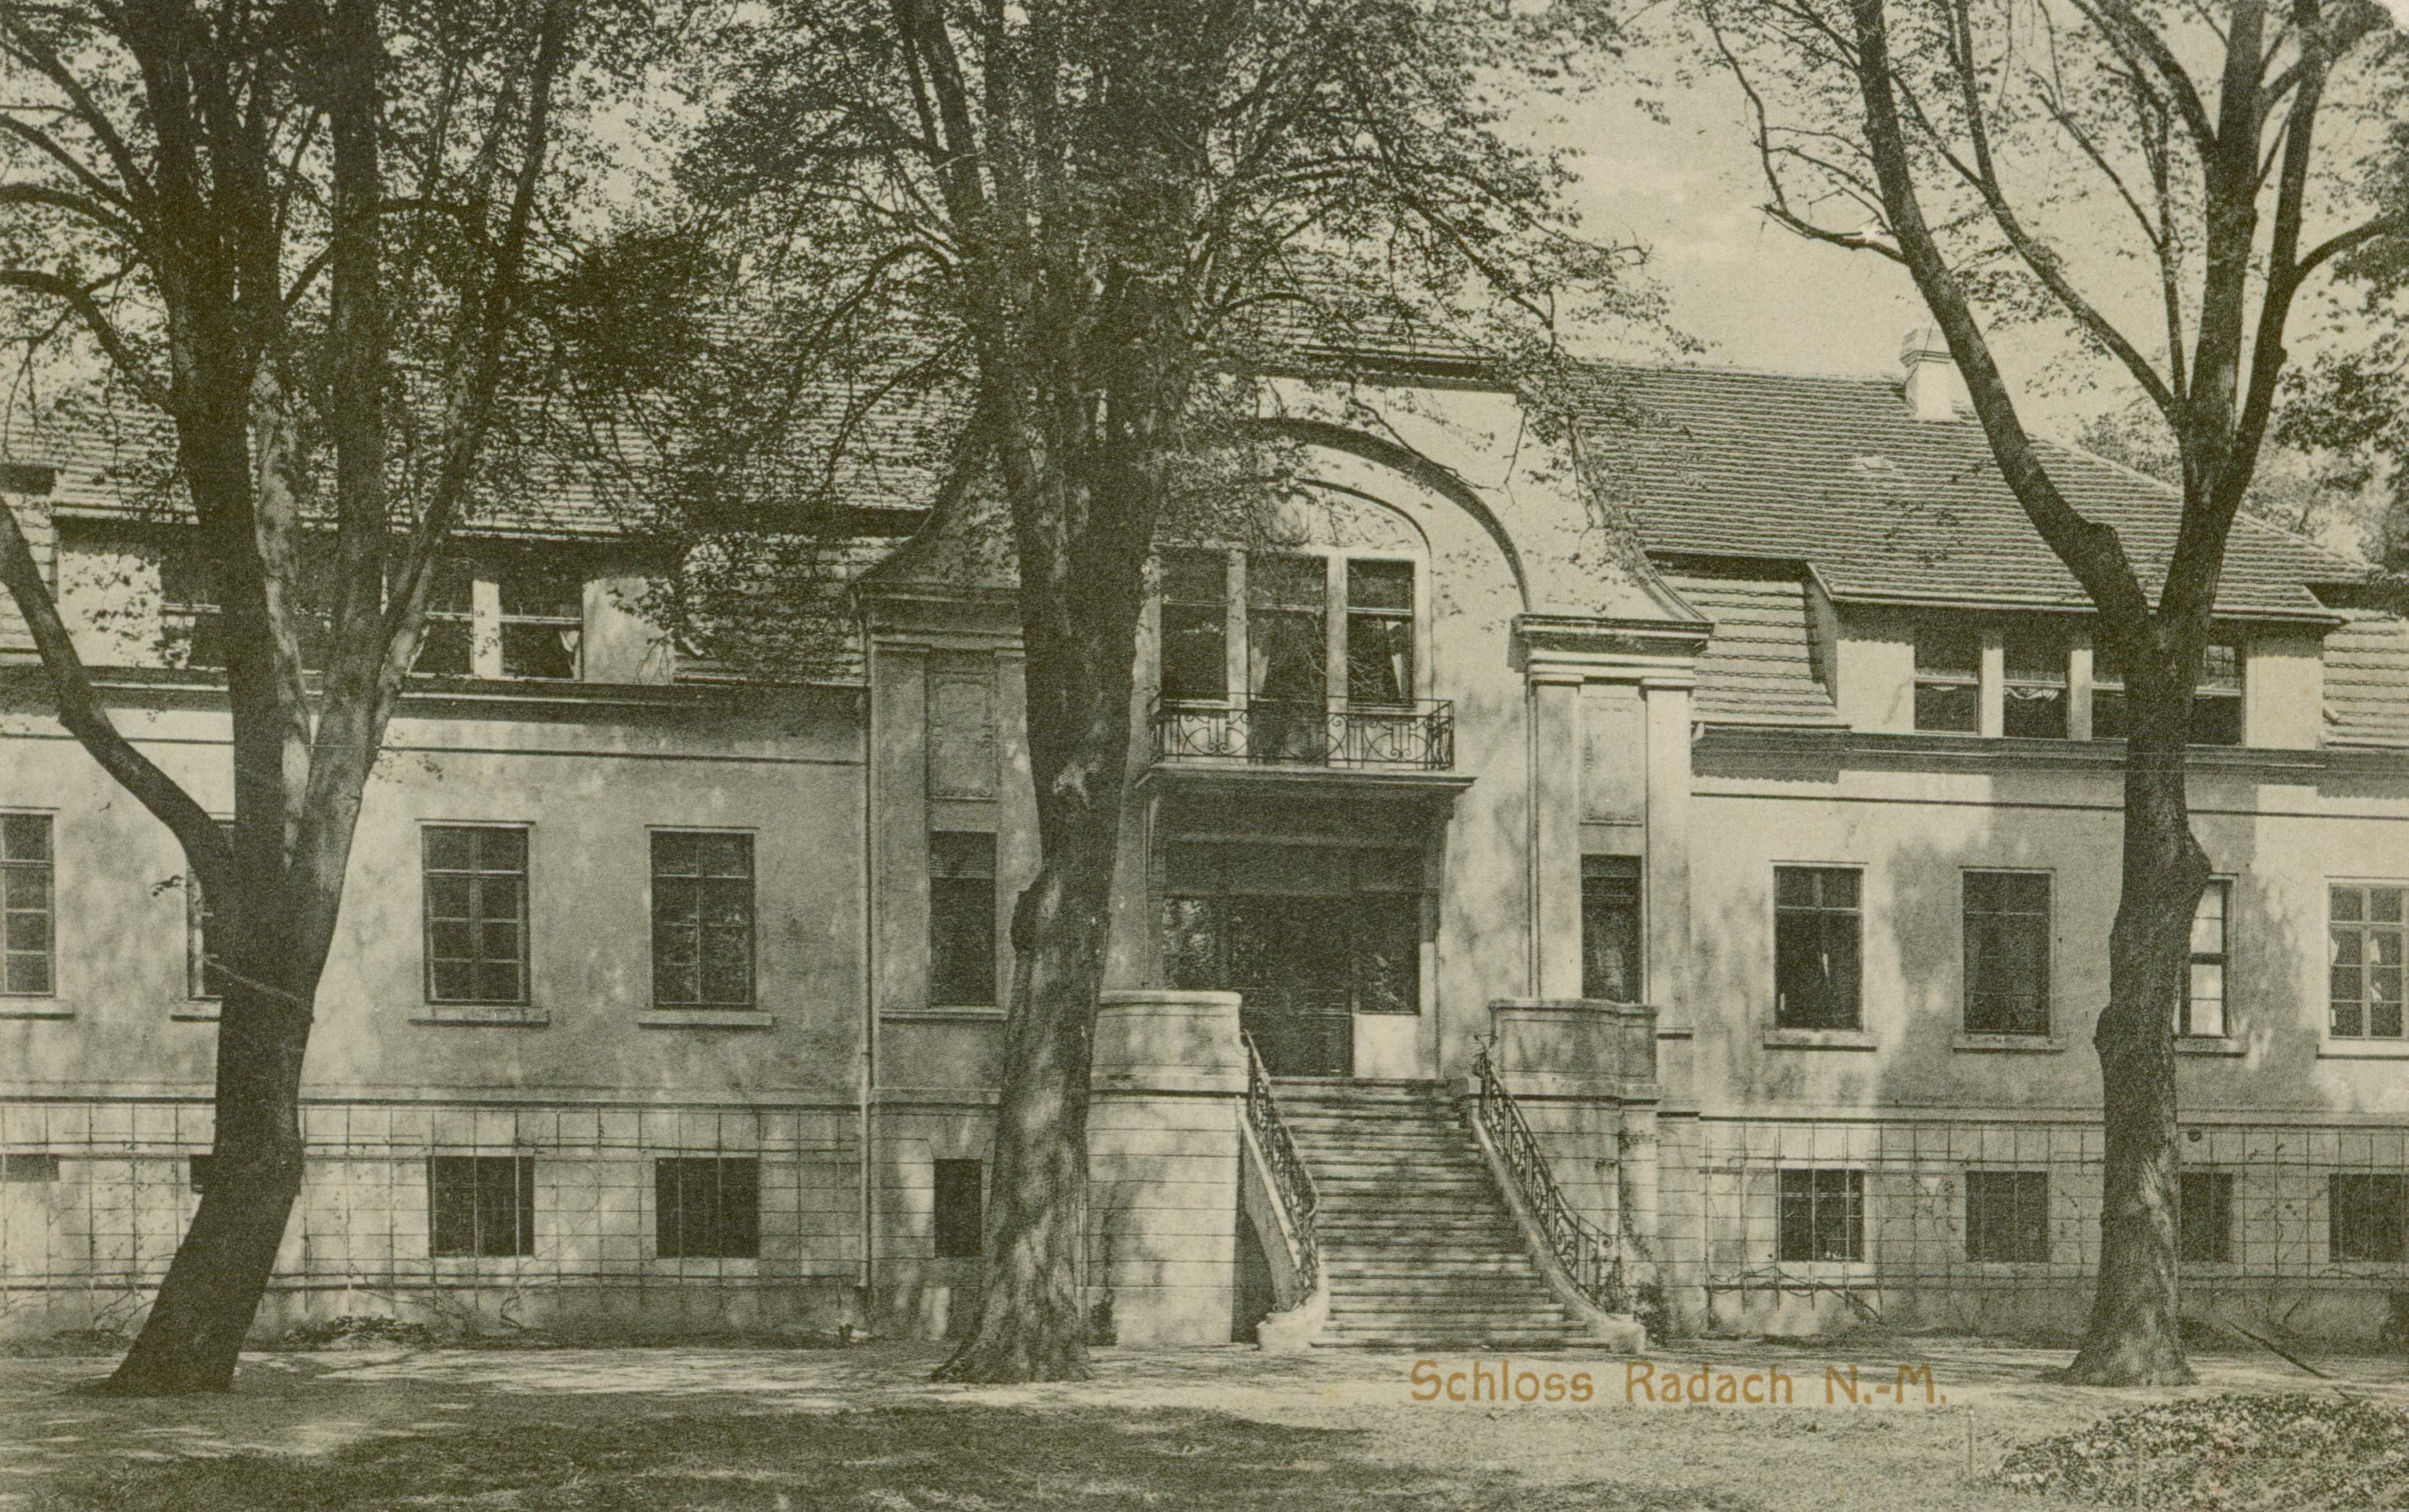 Radachów- pałac od frontu